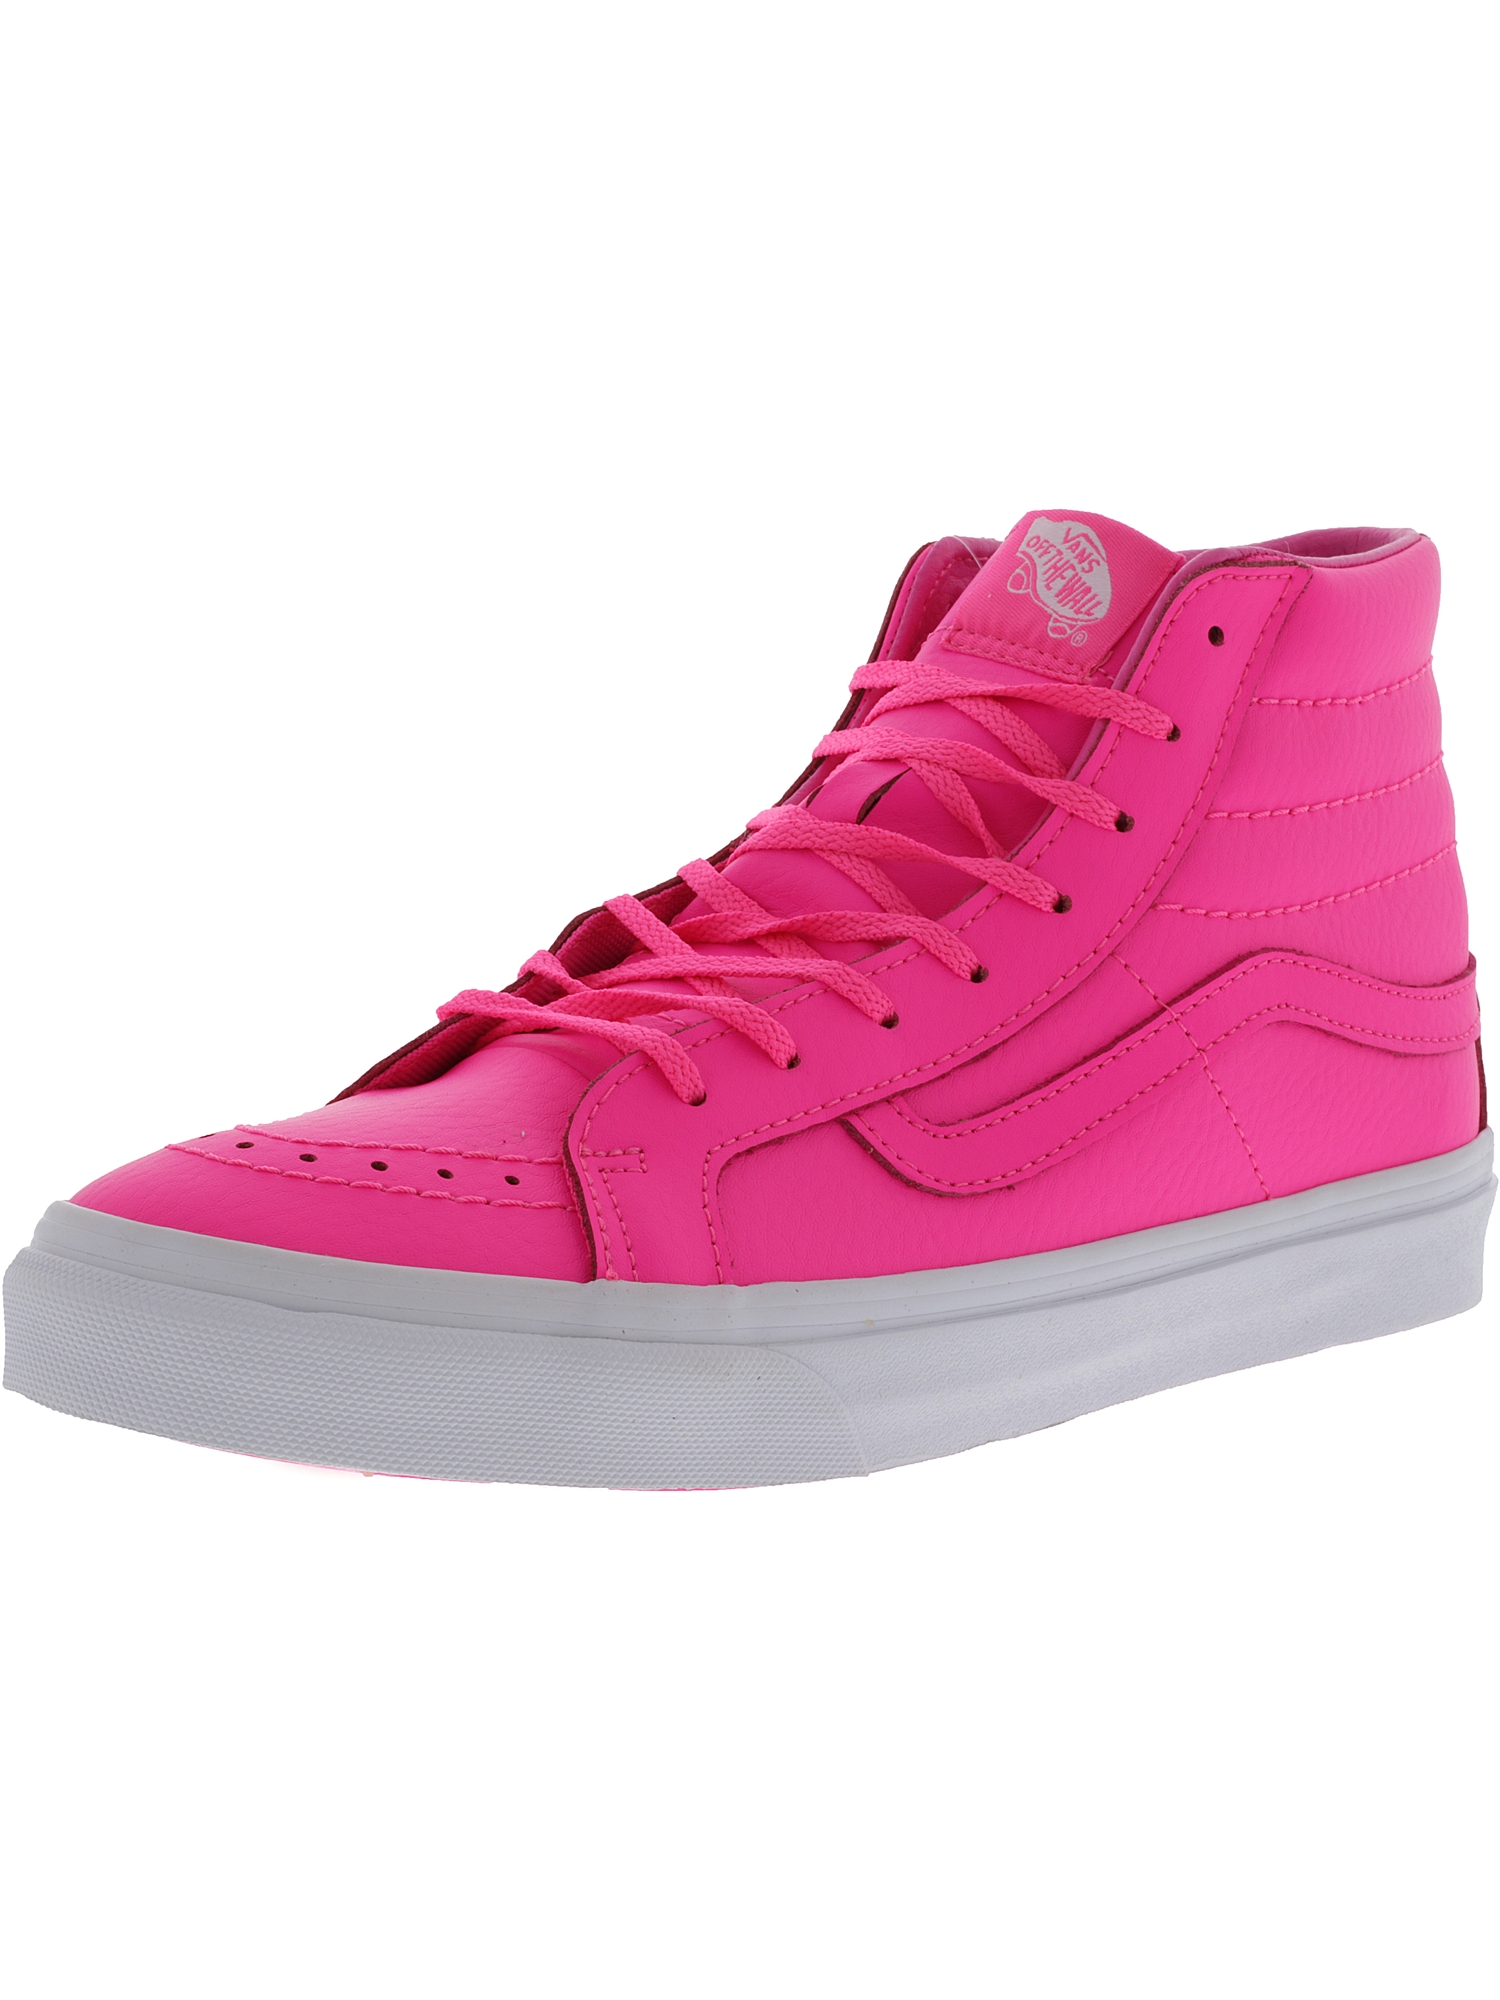 2d106af2108 Vans Sk8-Hi Slim Neon Leather Pink High-Top Skateboarding Shoe - 5.5M   4M